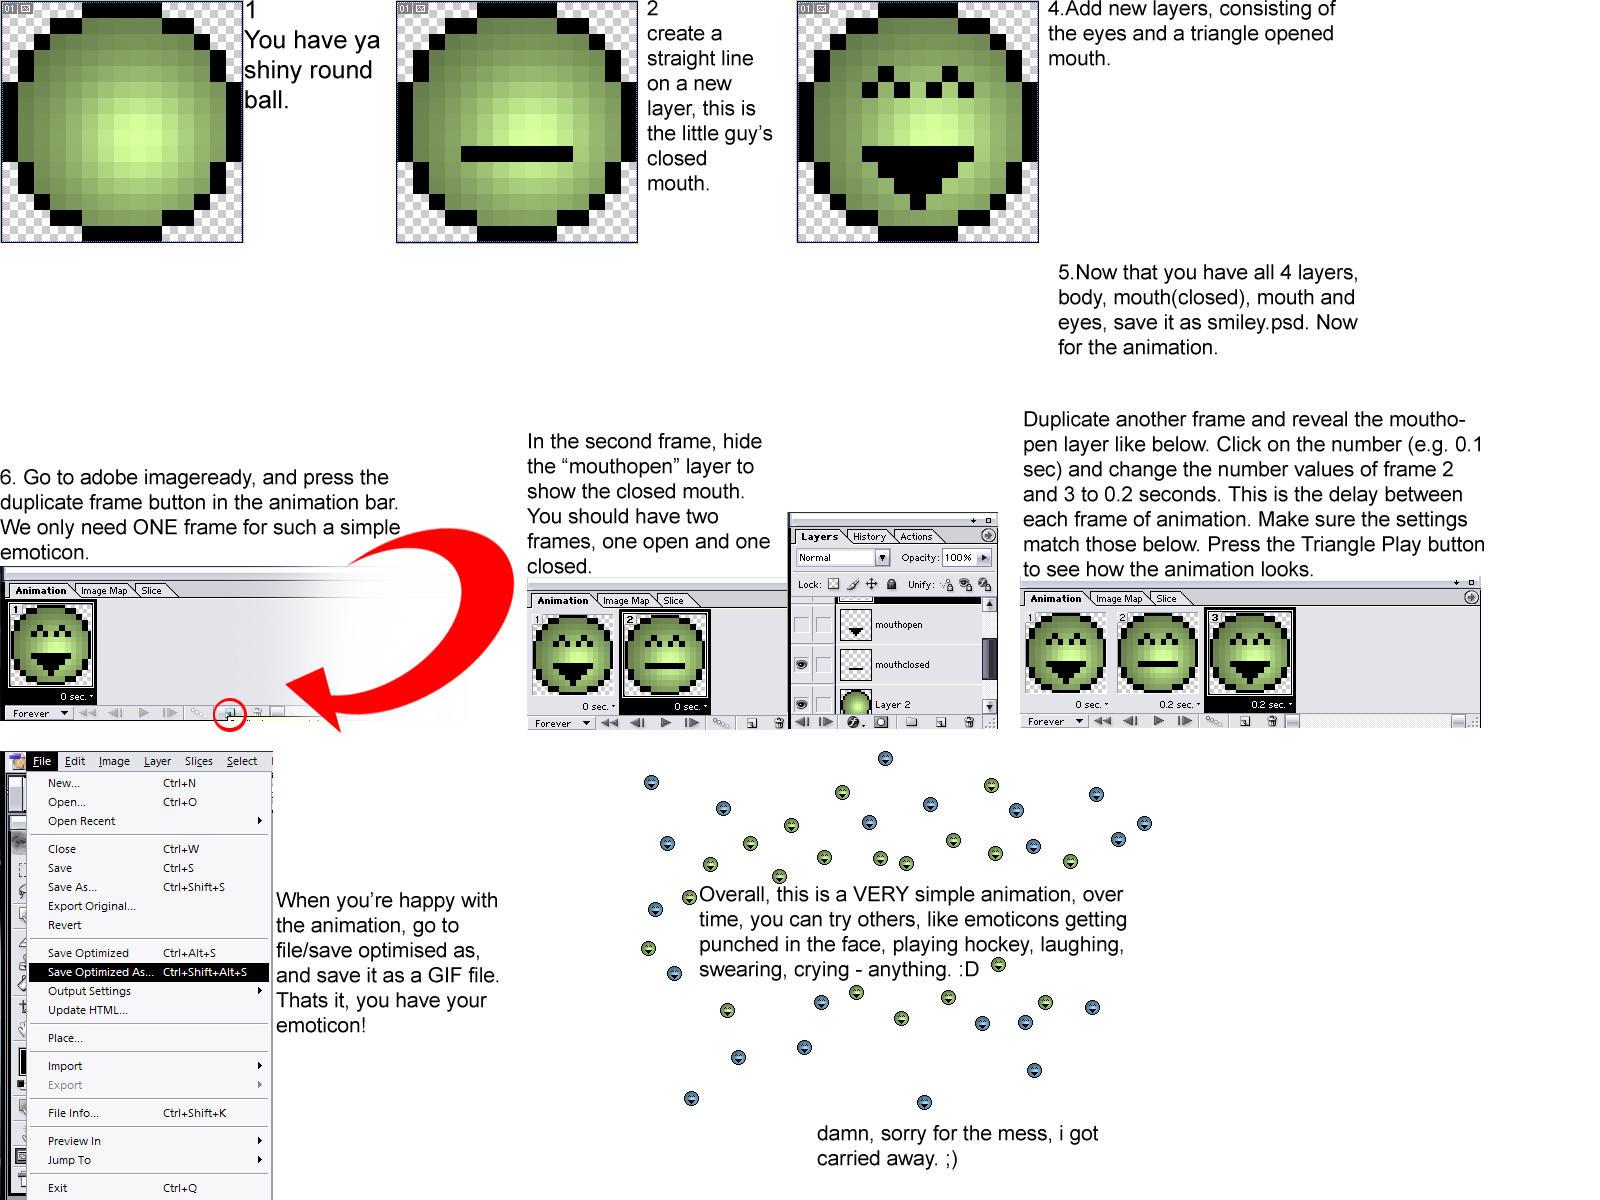 Emoticon Tutorials - Animation by emoticons